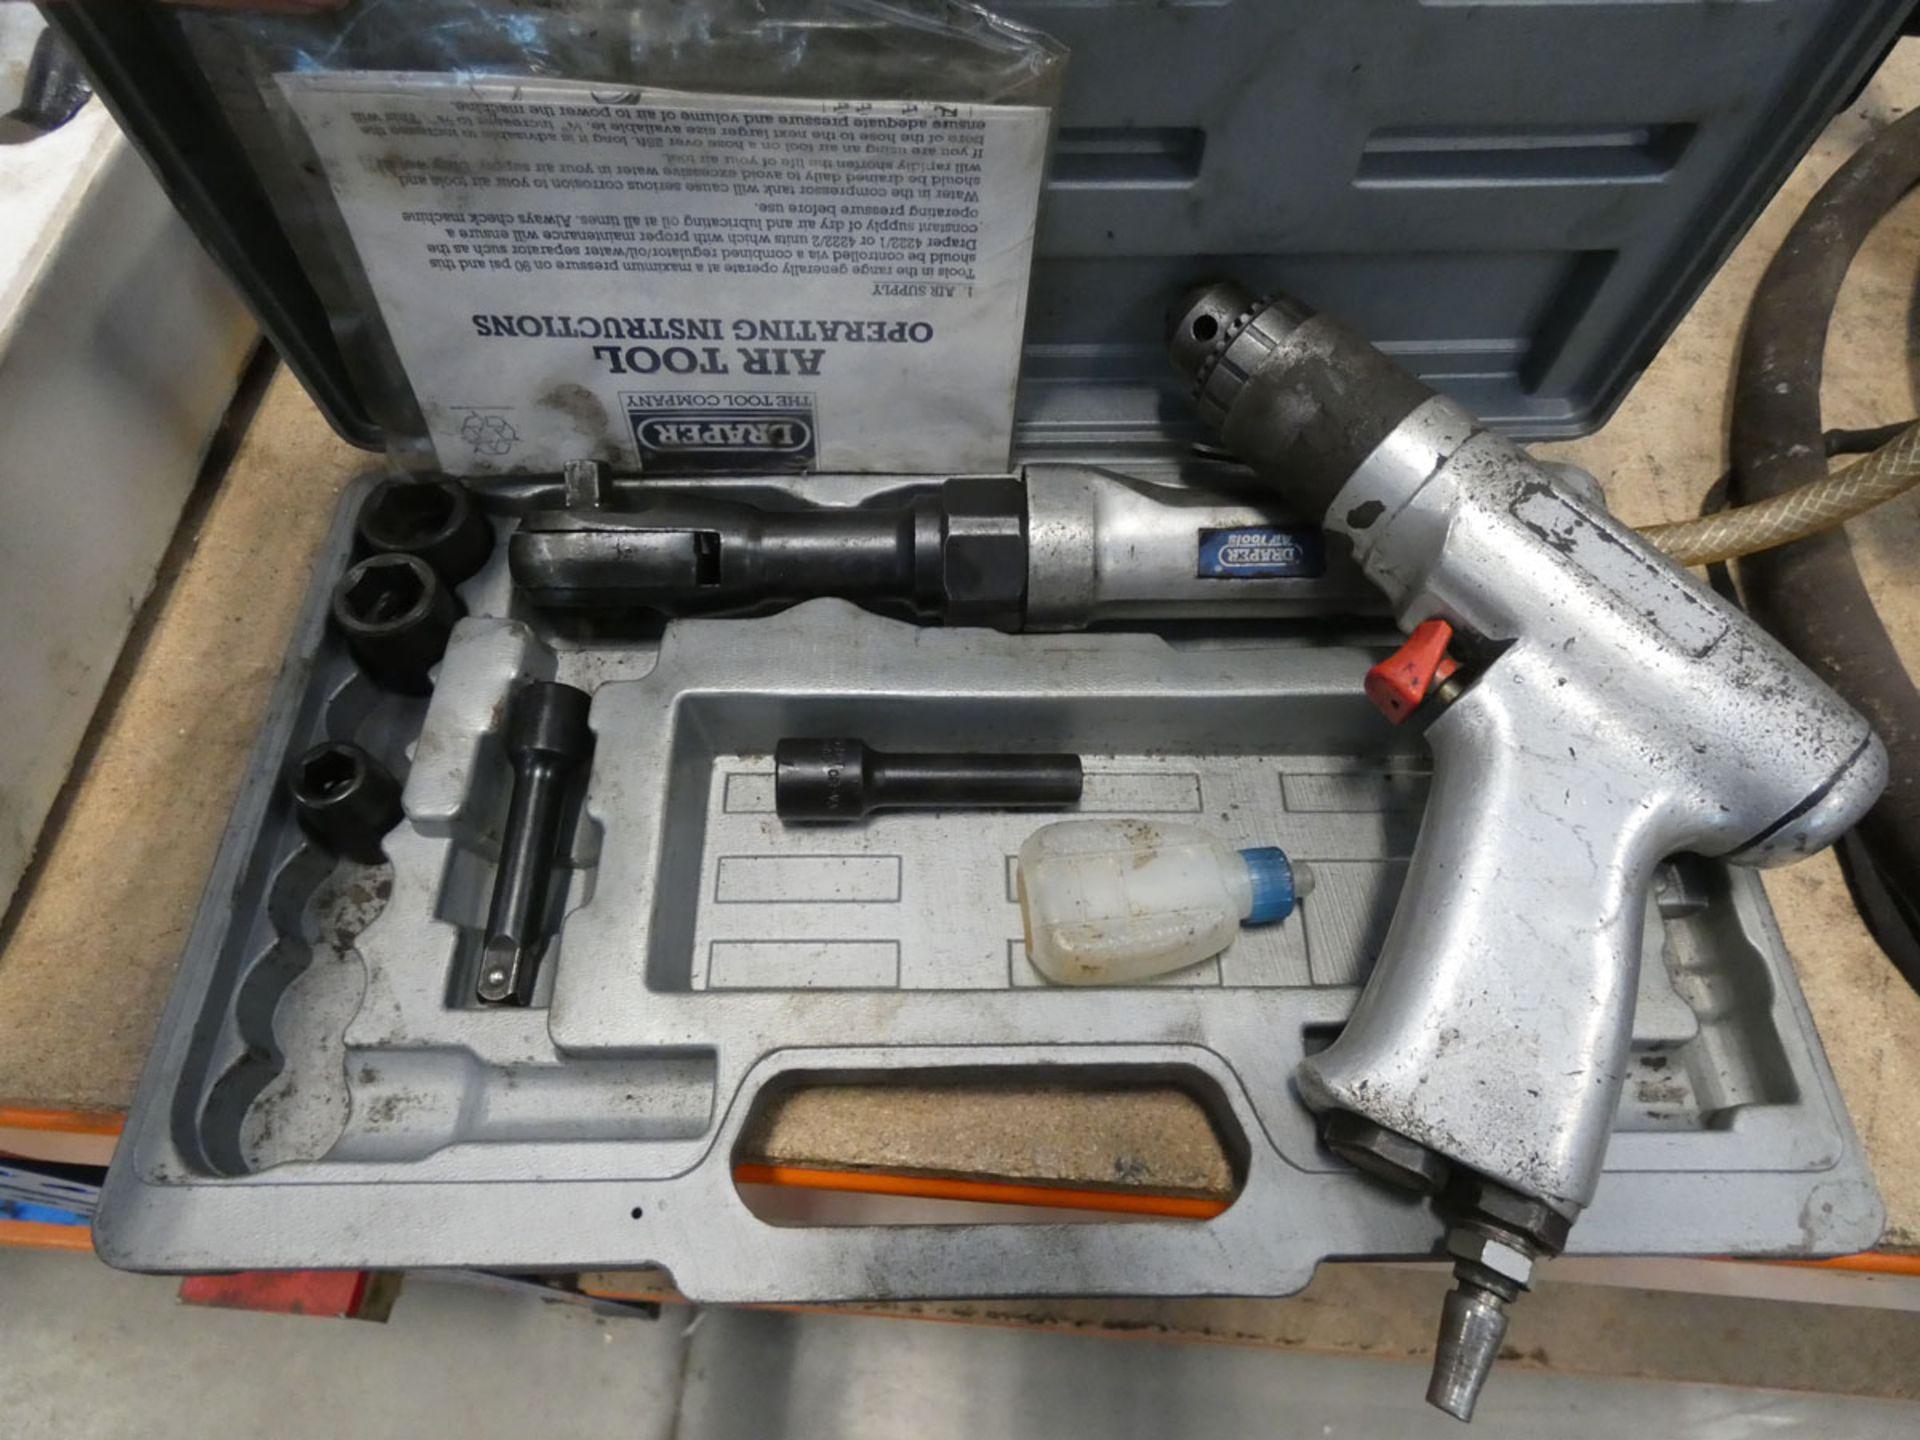 Kamasa 7 piece auto body repair kit - Image 2 of 3